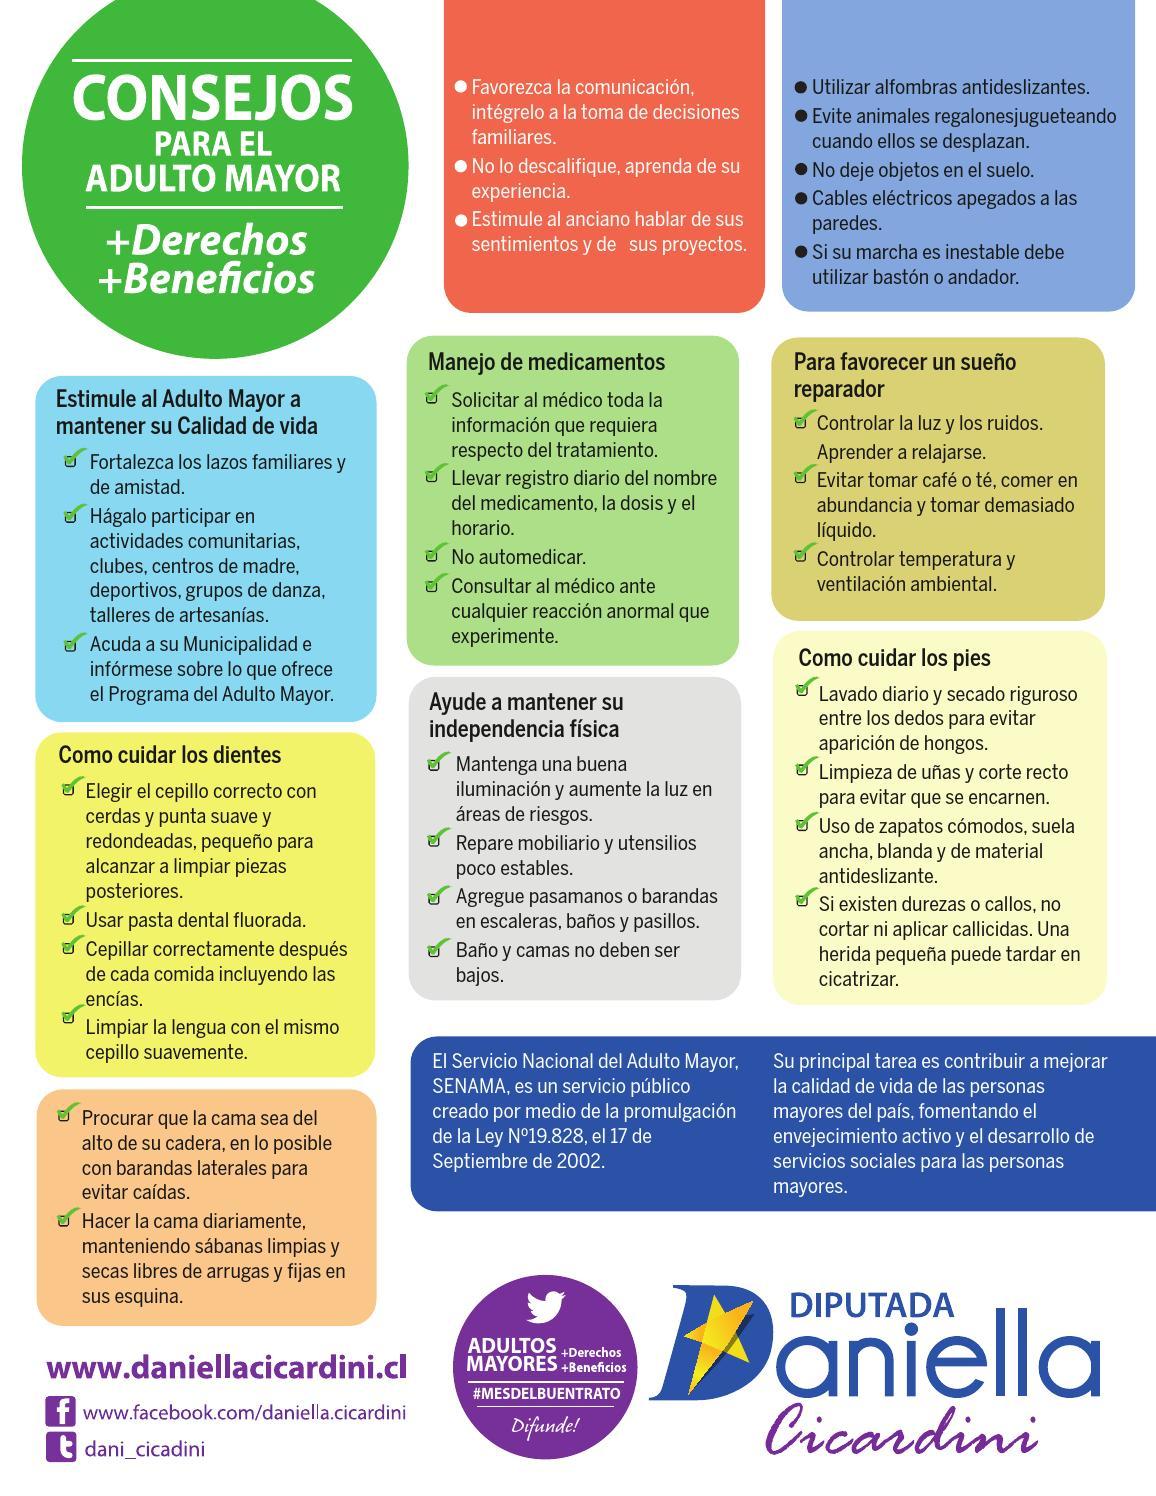 Consejos para el Adulto Mayor by Daniella Cicardini - issuu